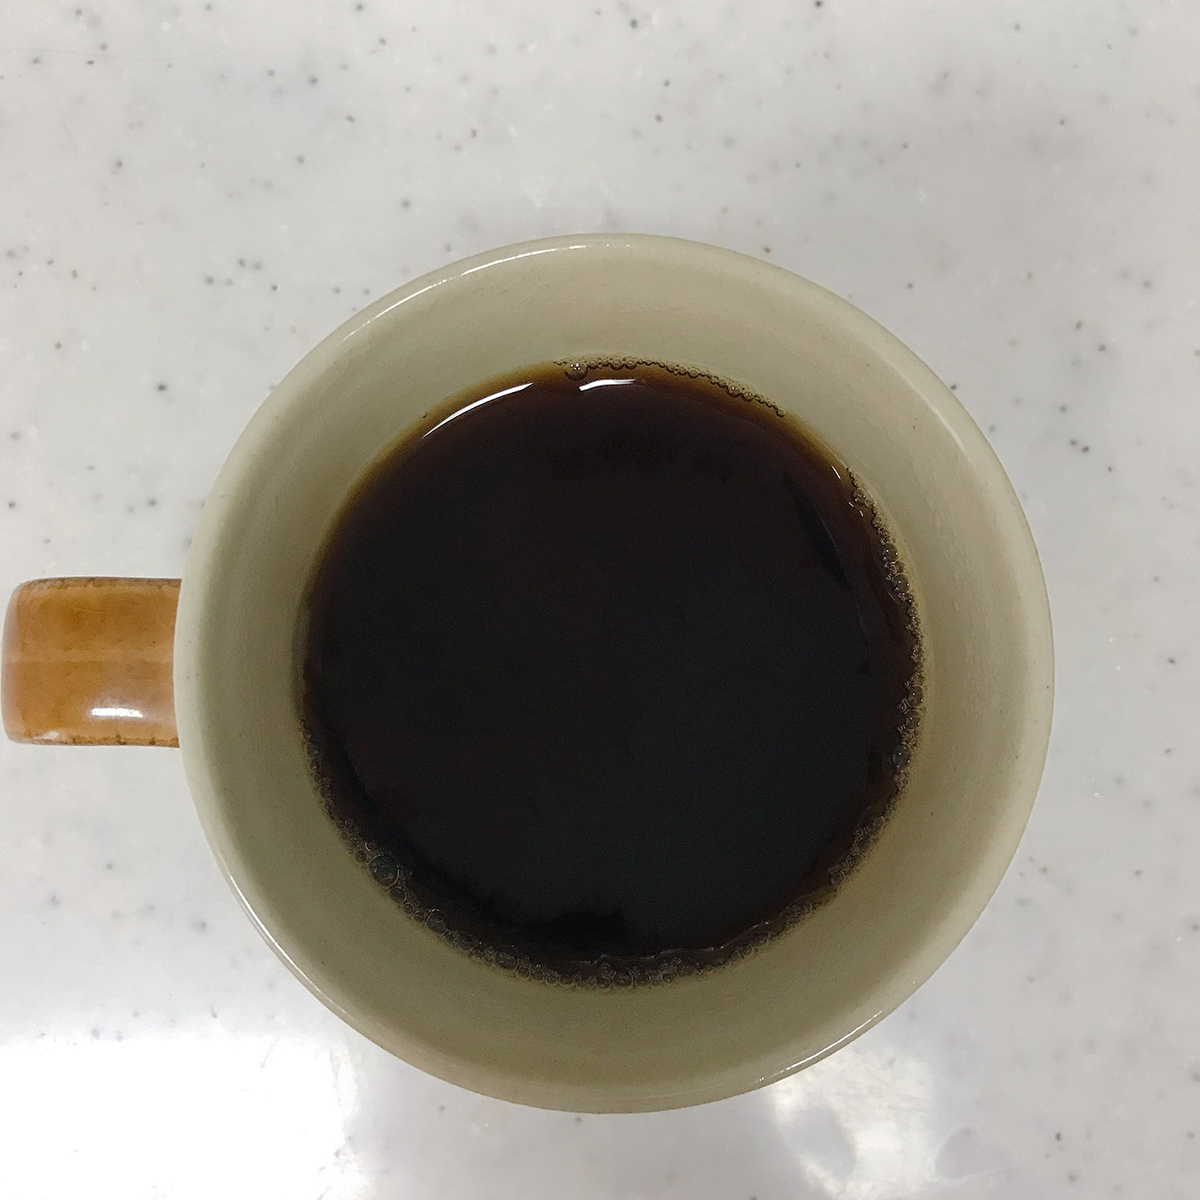 コクテール堂オールド5ブレンドコーヒー